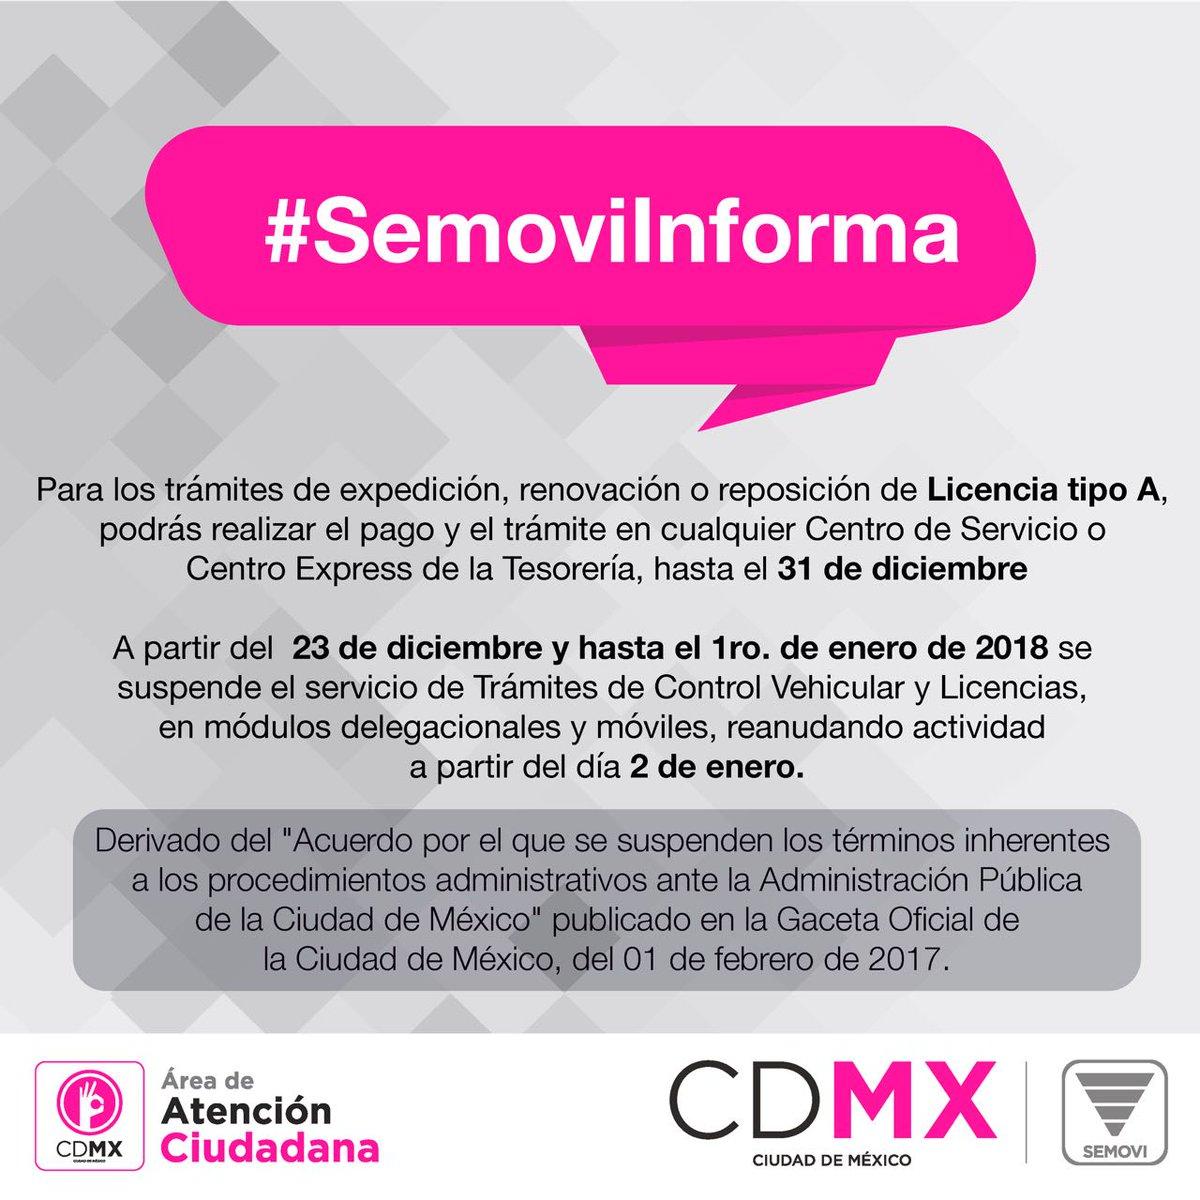 Secretaría De Movilidad Cdmx On Twitter Recuerda Que Hasta